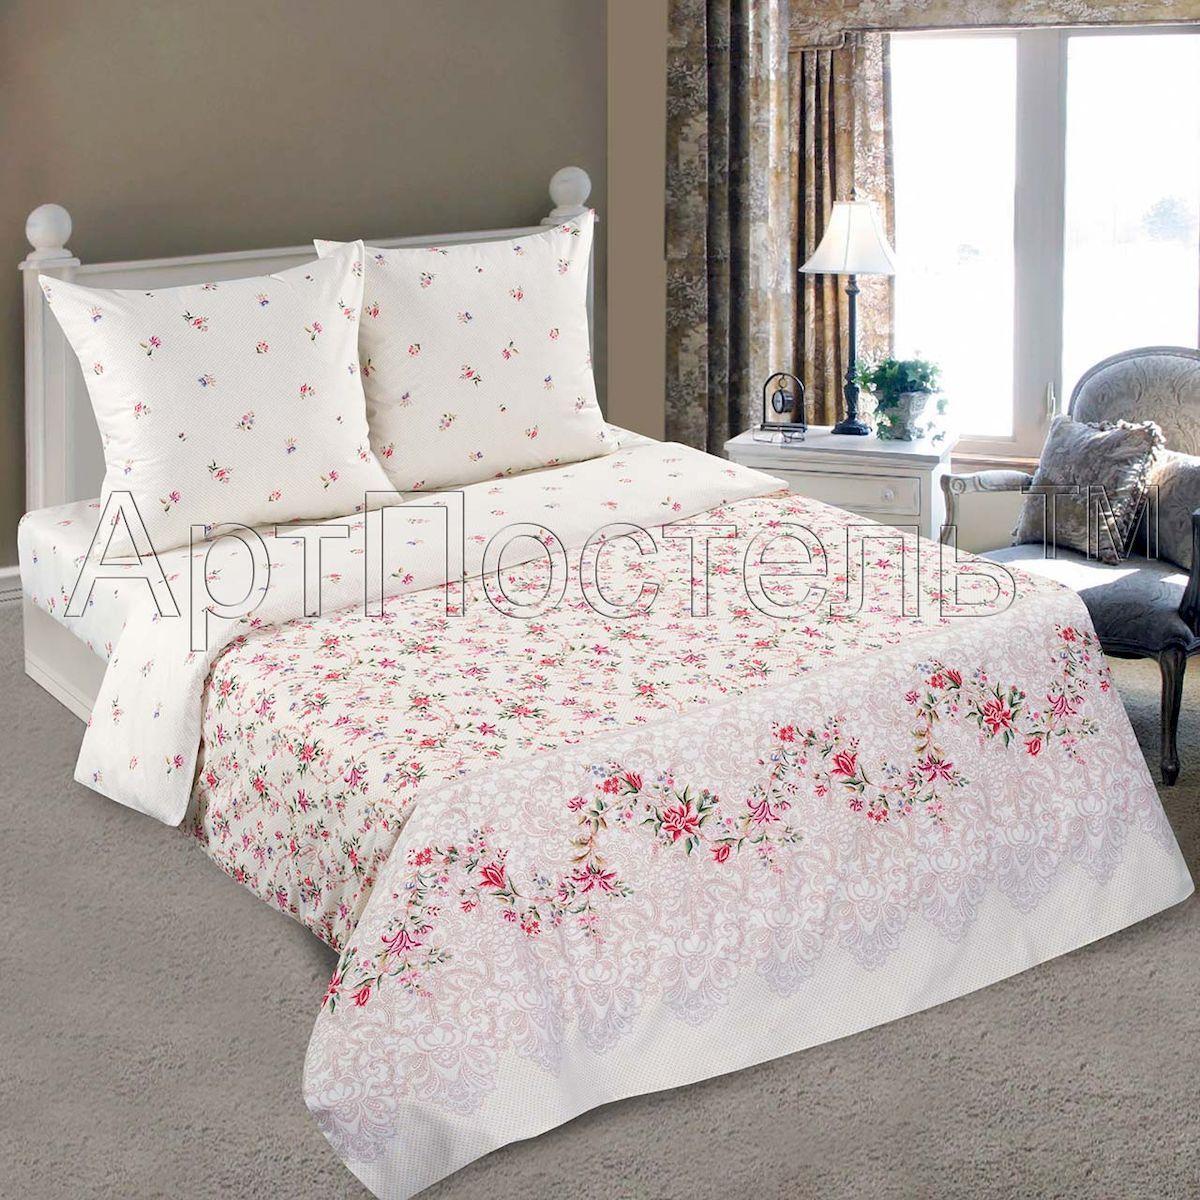 Комплект белья АртПостель Камилла, 1,5 спальный, наволочки 70x70900Комплект постельного белья АртПостель Камилла выполнен из поплина высочайшего качества. Комплект состоит из пододеяльника, простыни и двух наволочек. Постельное белье с ярким дизайном, имеет изысканный внешний вид. Благодаря такому комплекту постельного белья вы сможете создать атмосферу роскоши и романтики в вашей спальне.